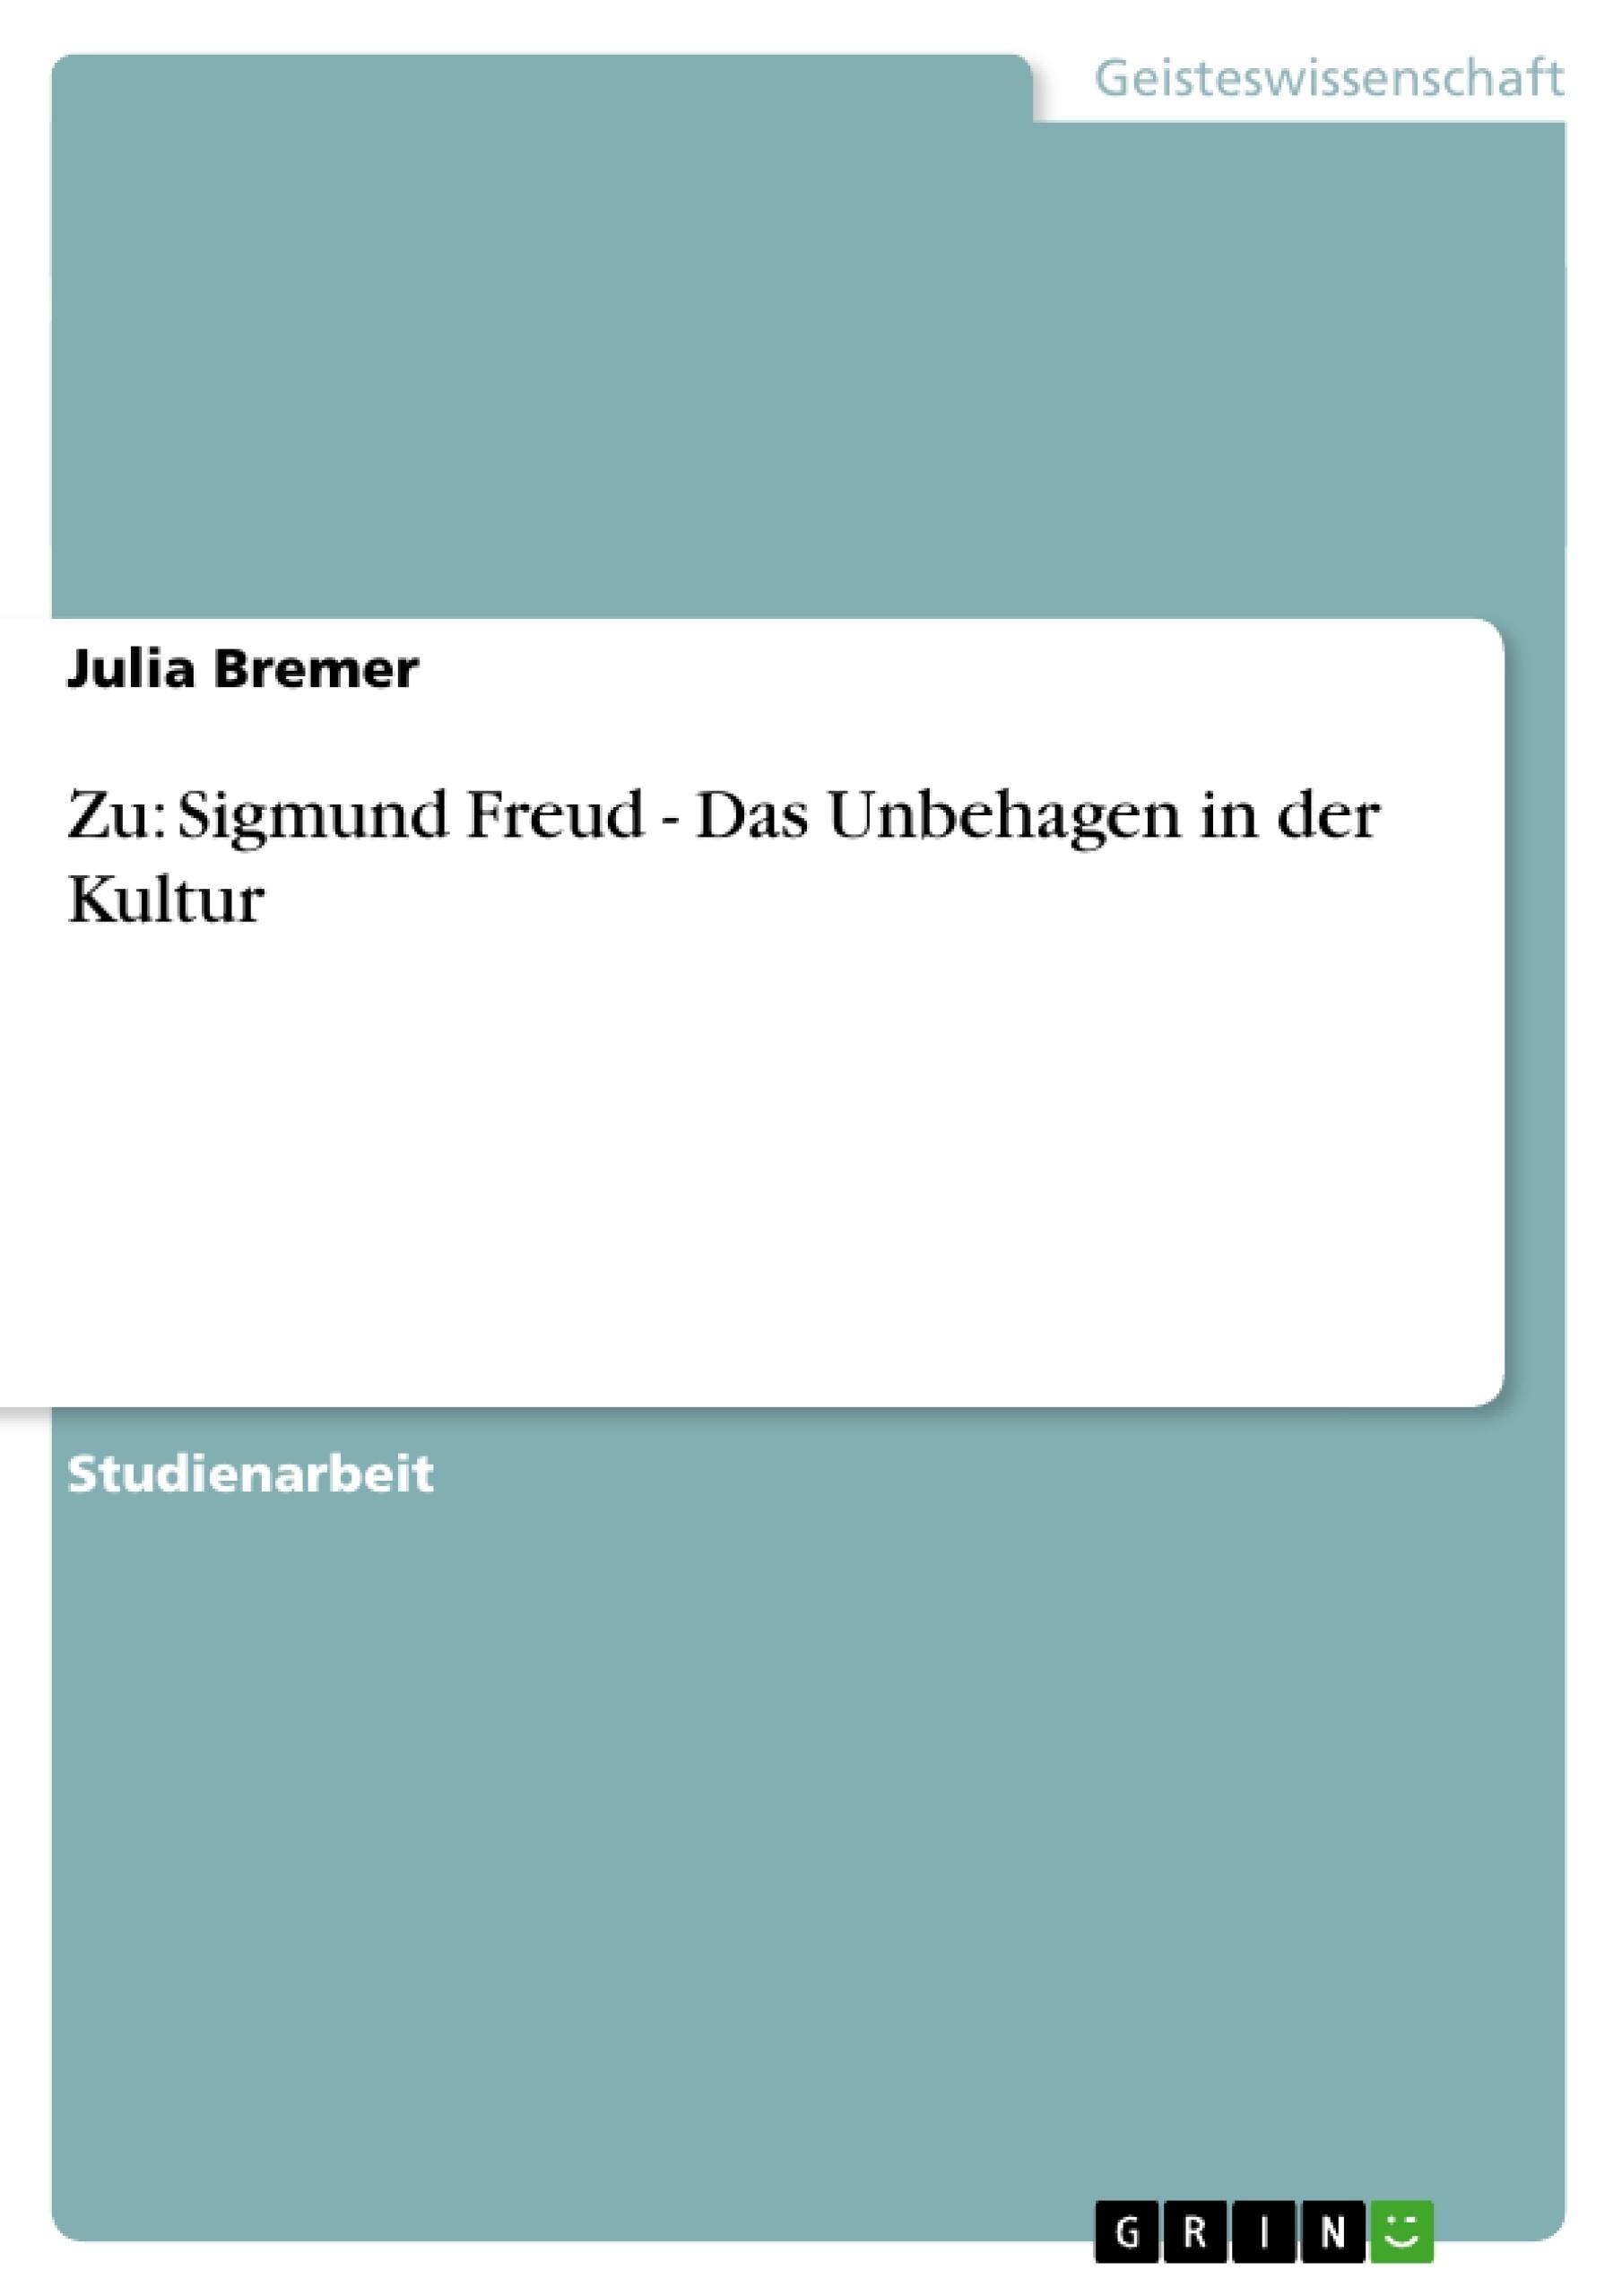 Titel: Zu: Sigmund Freud - Das Unbehagen in der Kultur